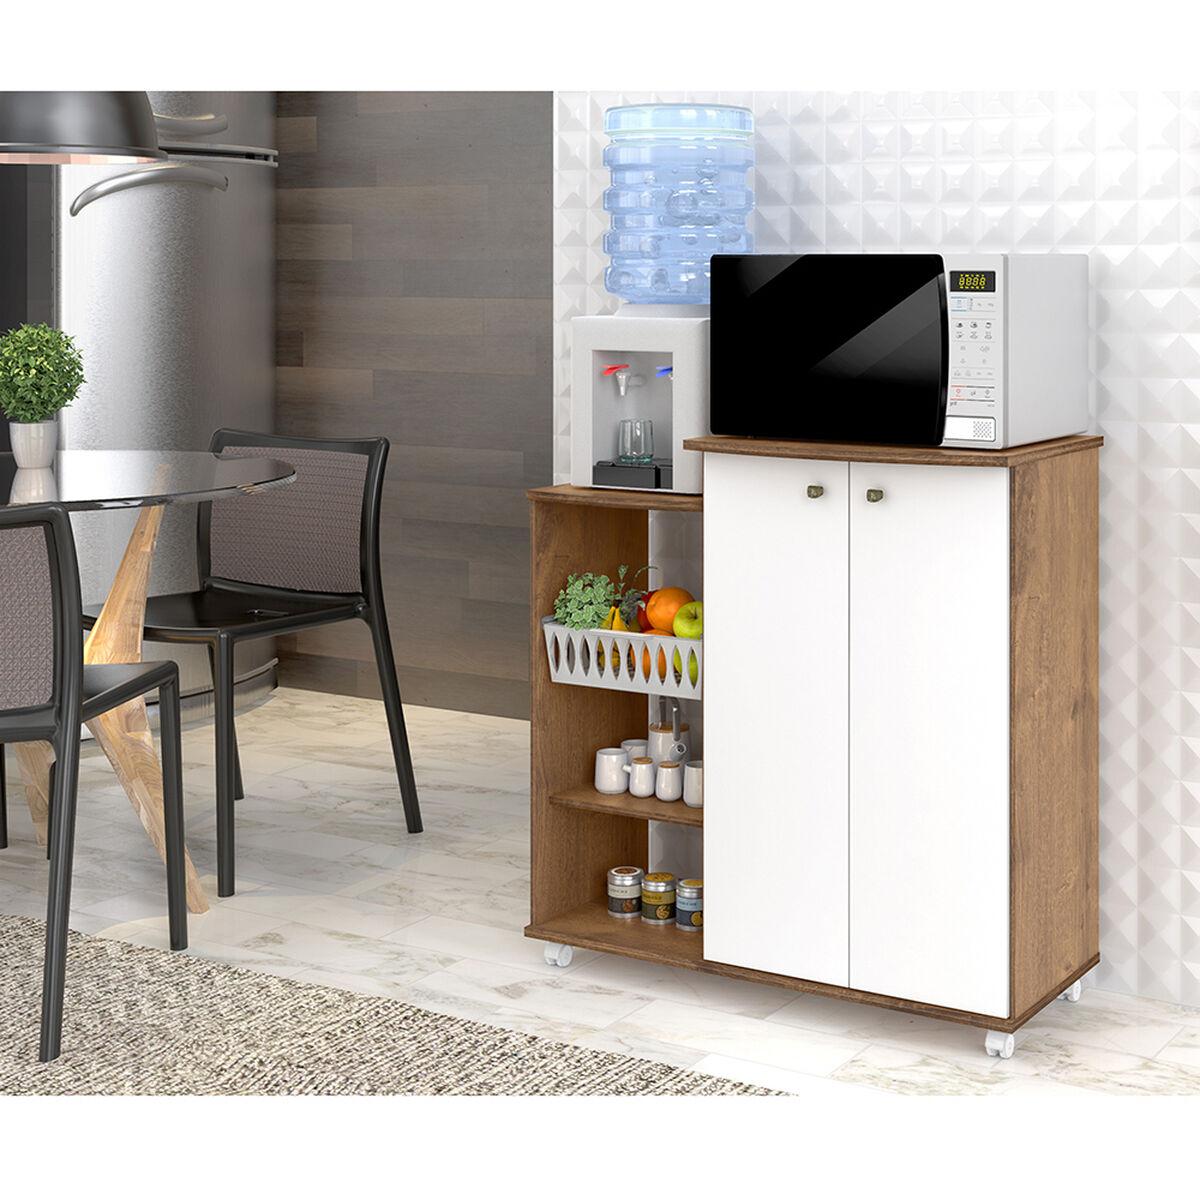 Mueble De Cocina Cabinet 2 Puertas Nature / Blanco